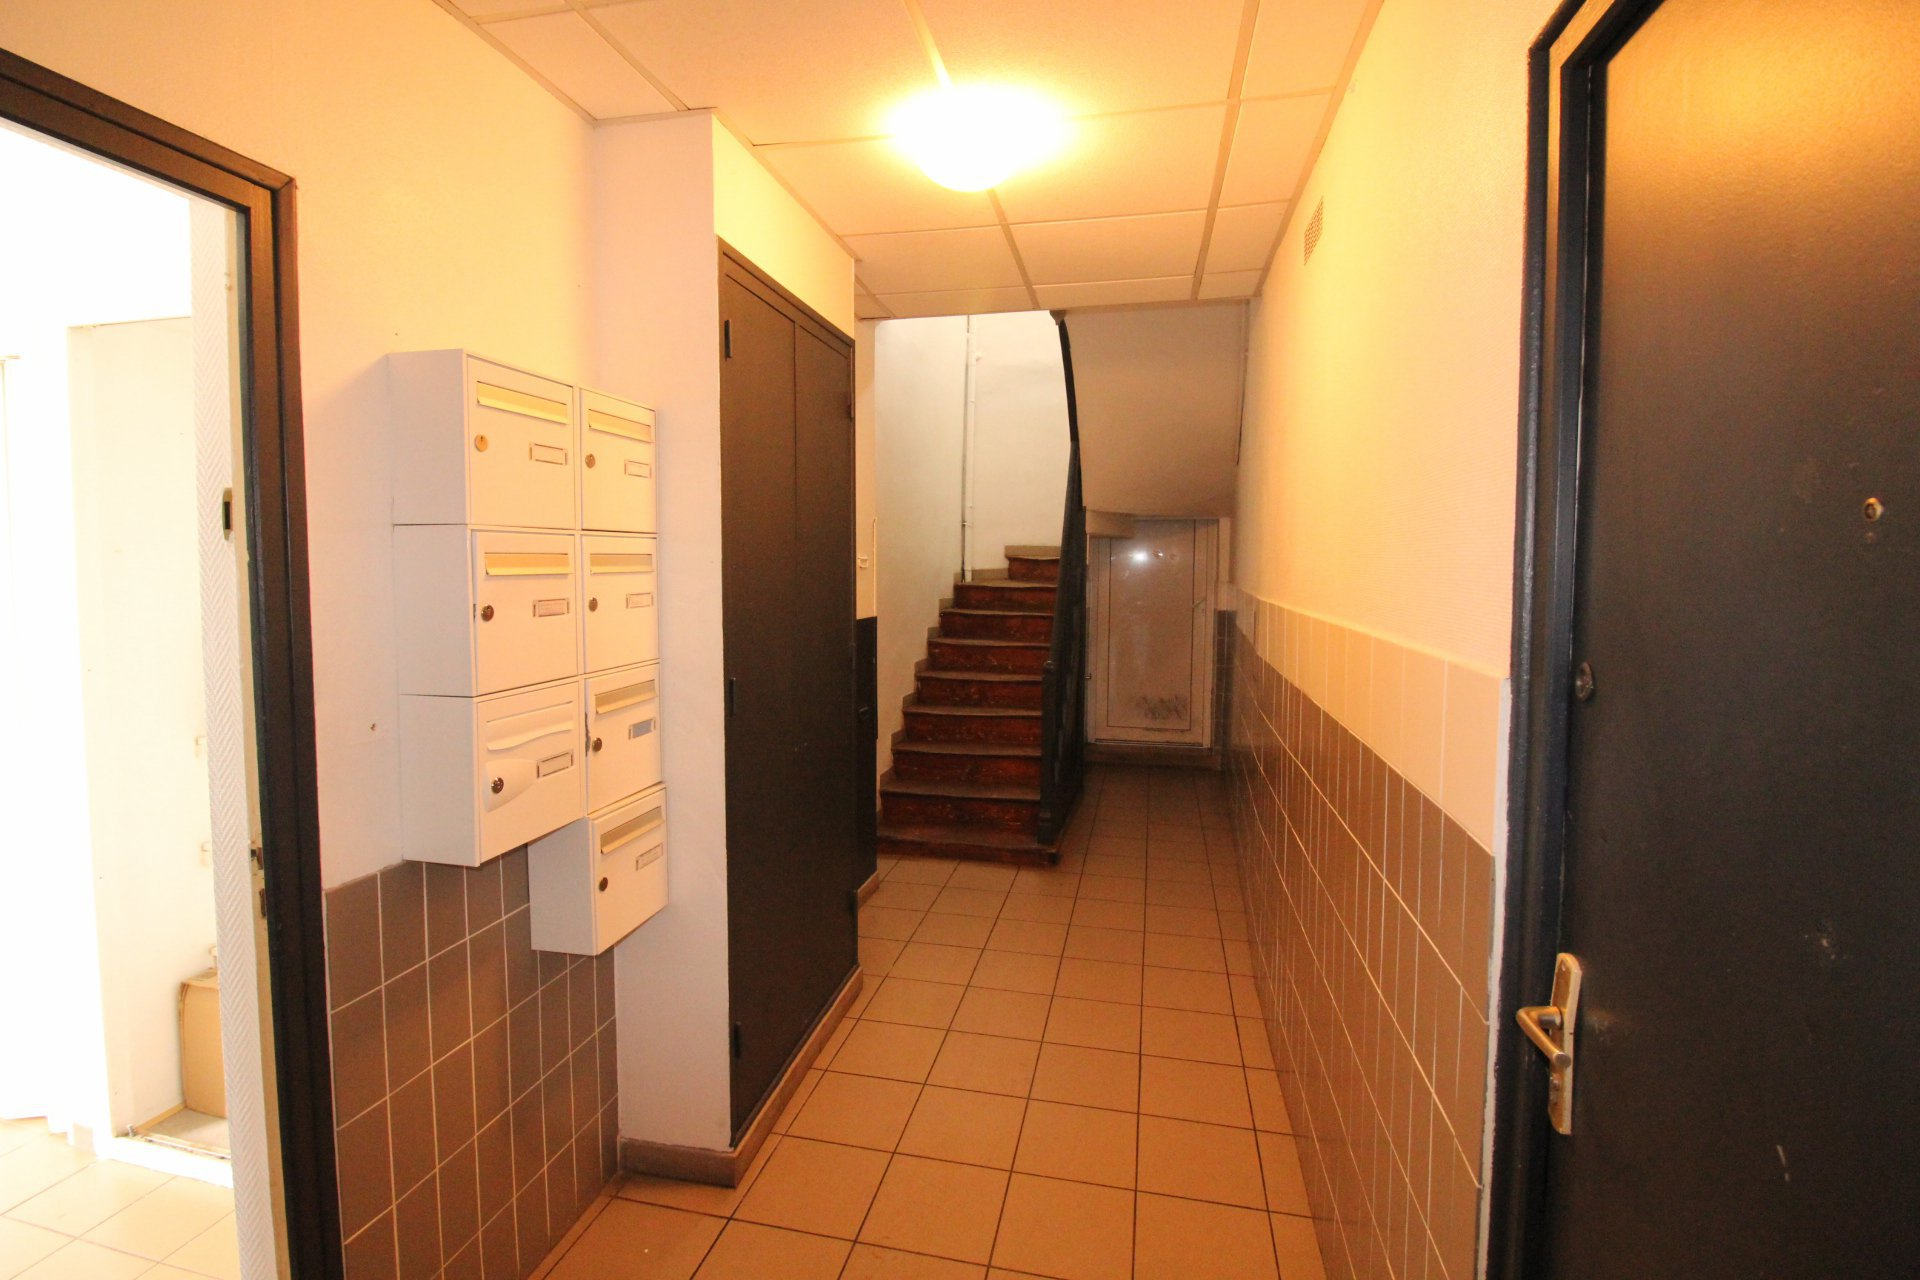 A vendre Immeuble entièrement rénové à Caudebec-lès-Elbeuf